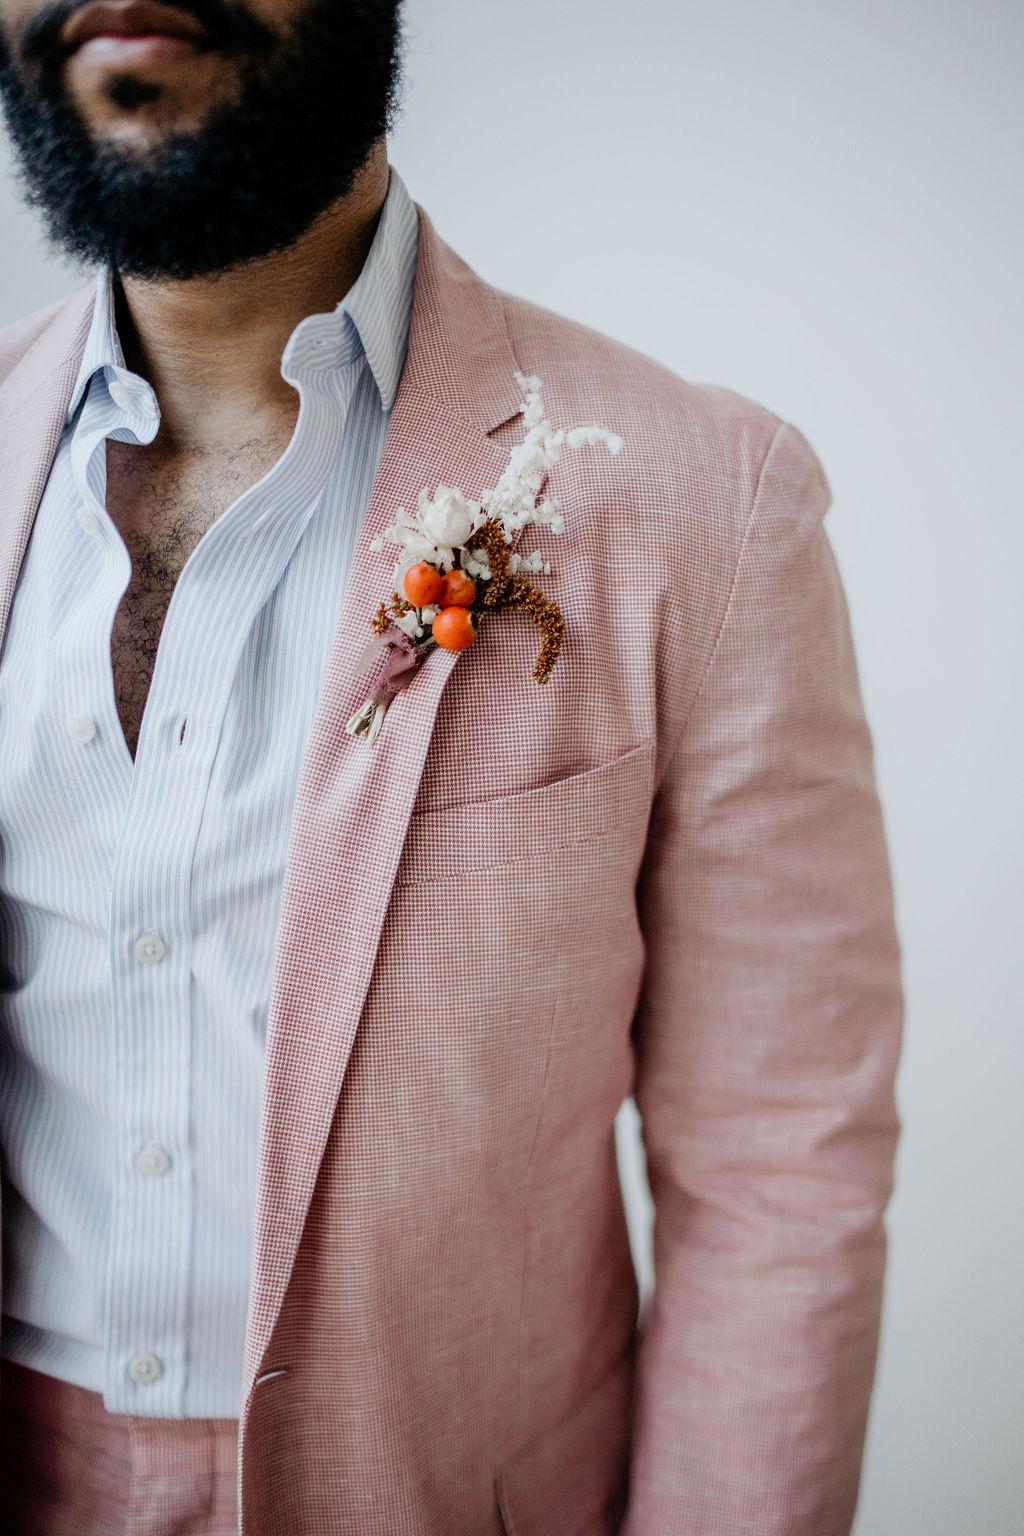 Stella Rose Floral unique wedding boutonniere